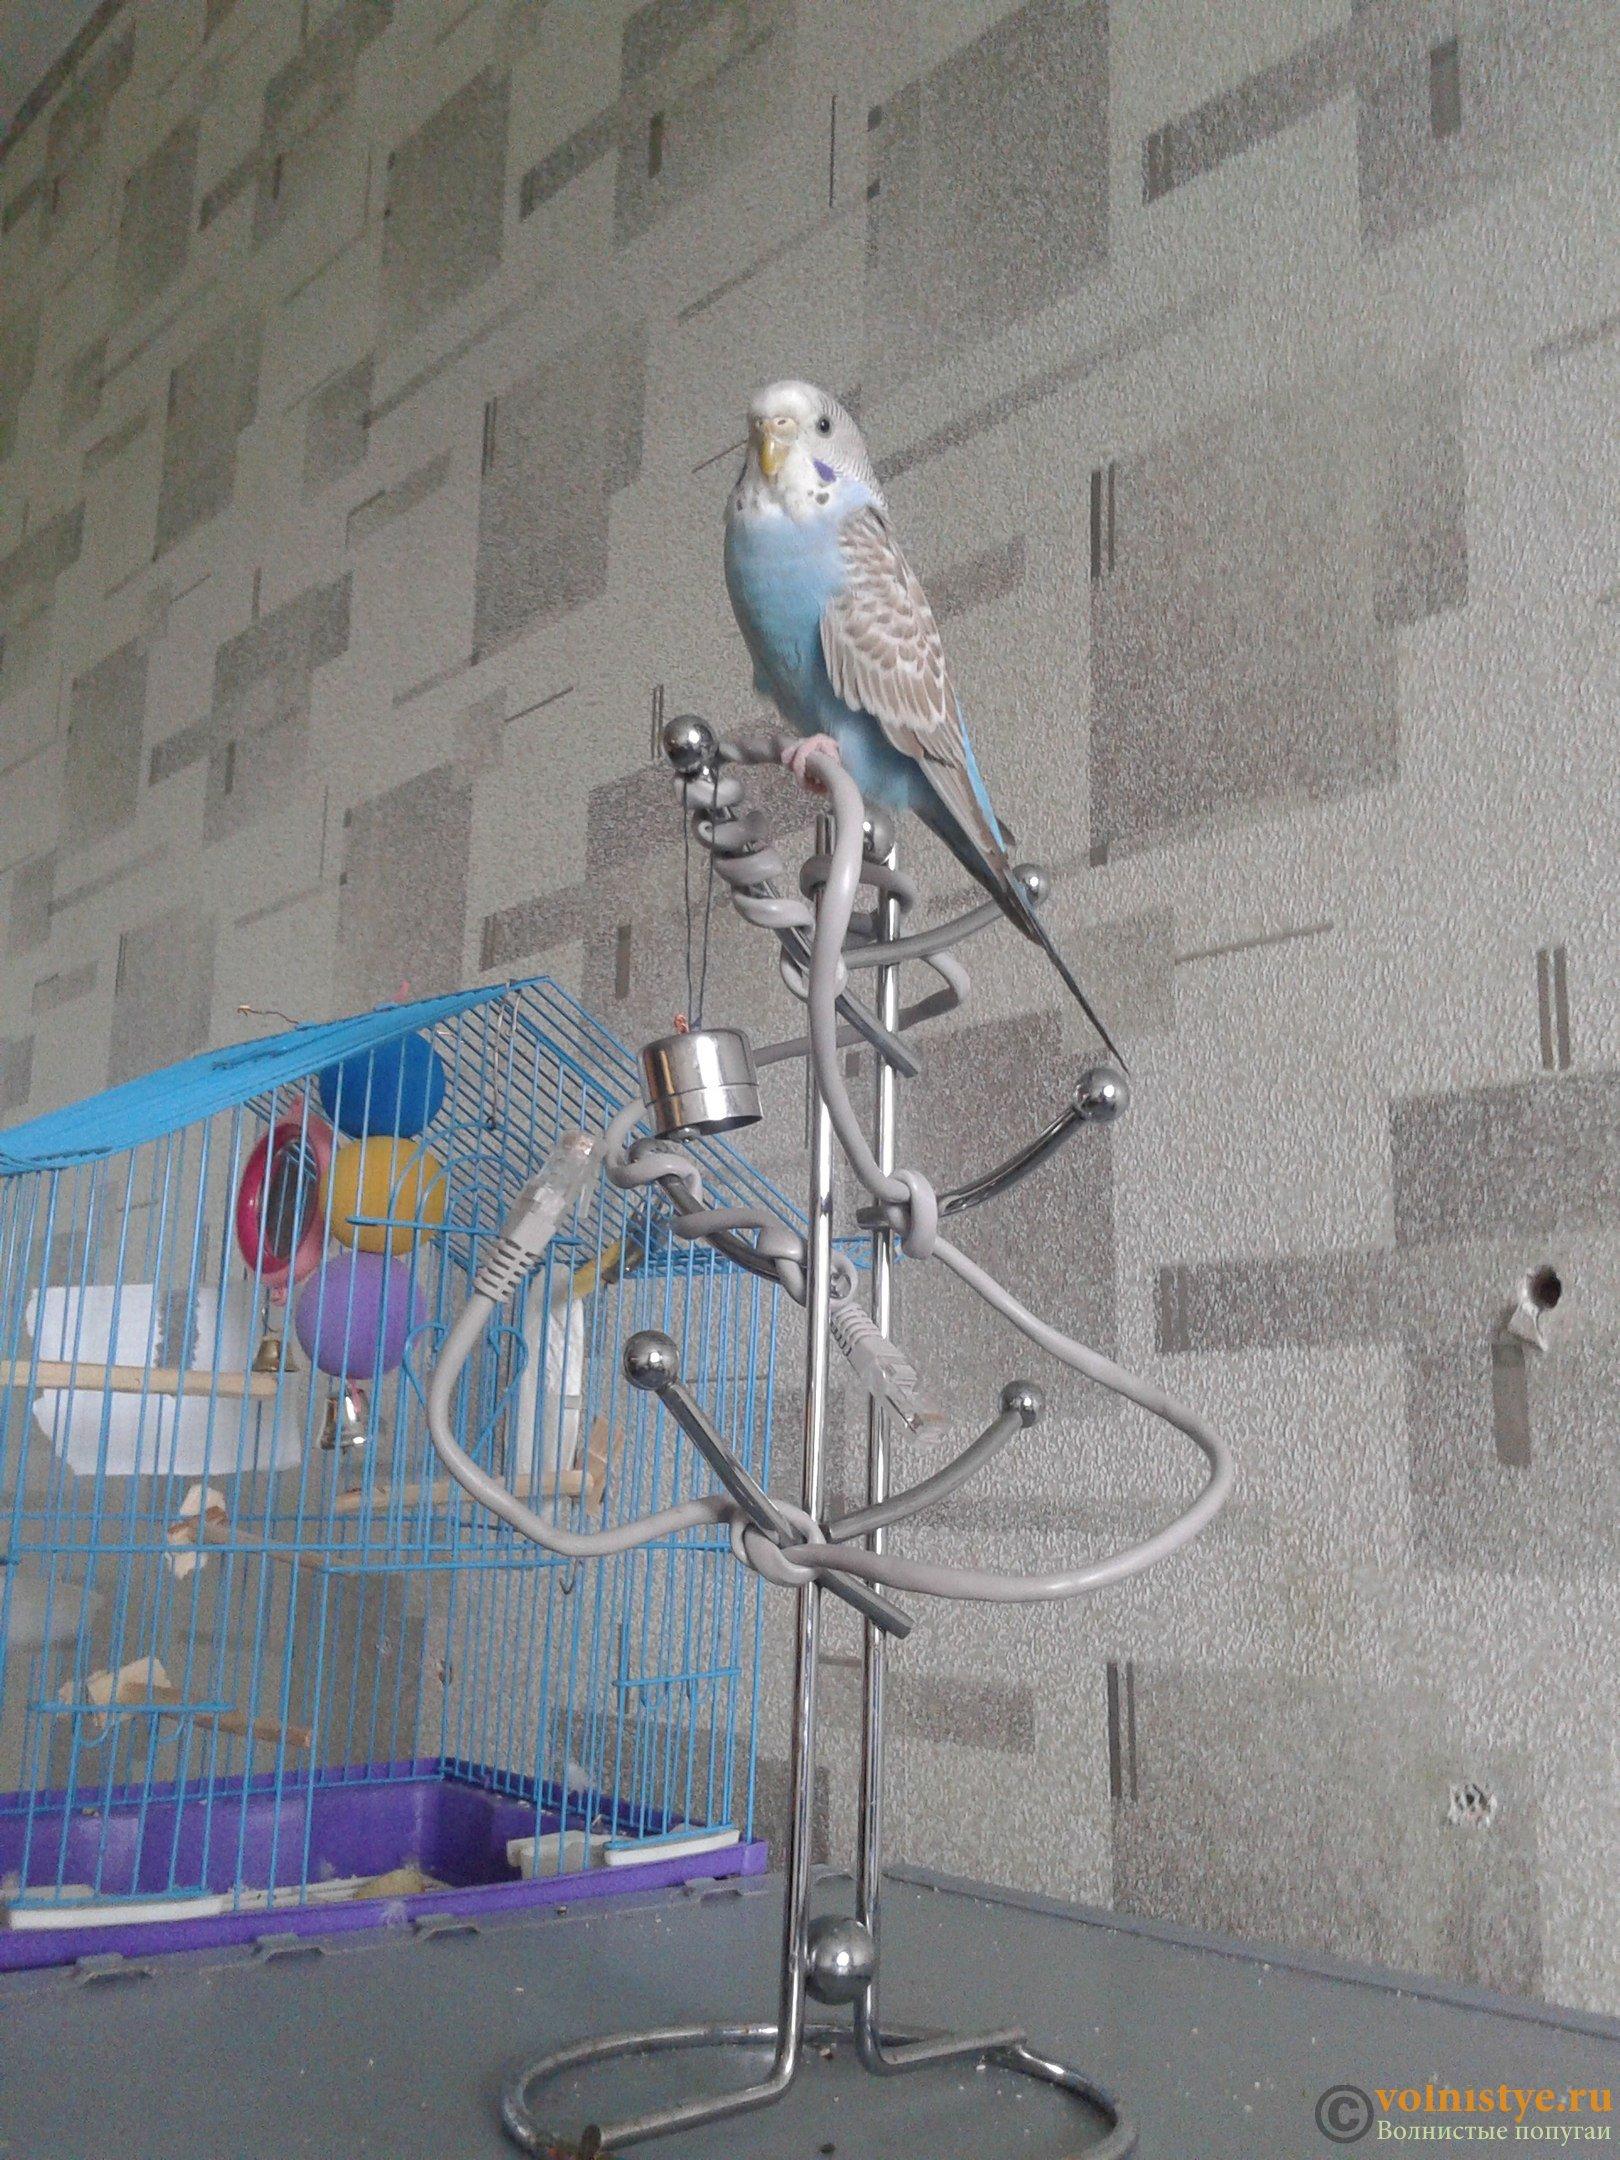 Что можно сделать волнистому попугаю своими руками фото 360